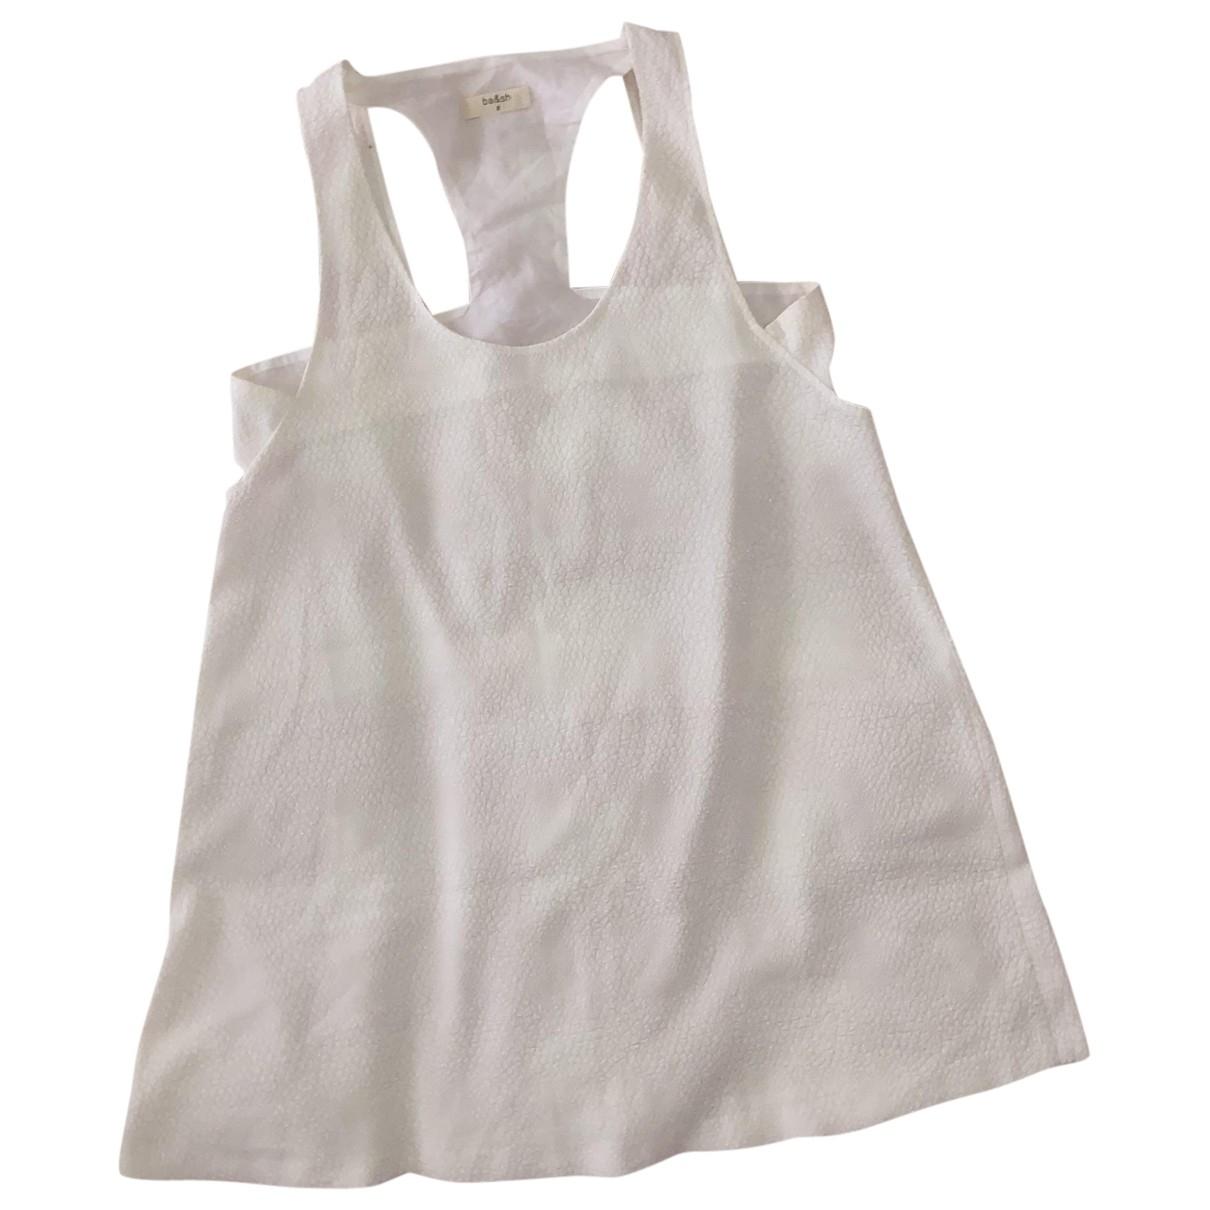 Ba&sh \N Kleid in  Weiss Polyester